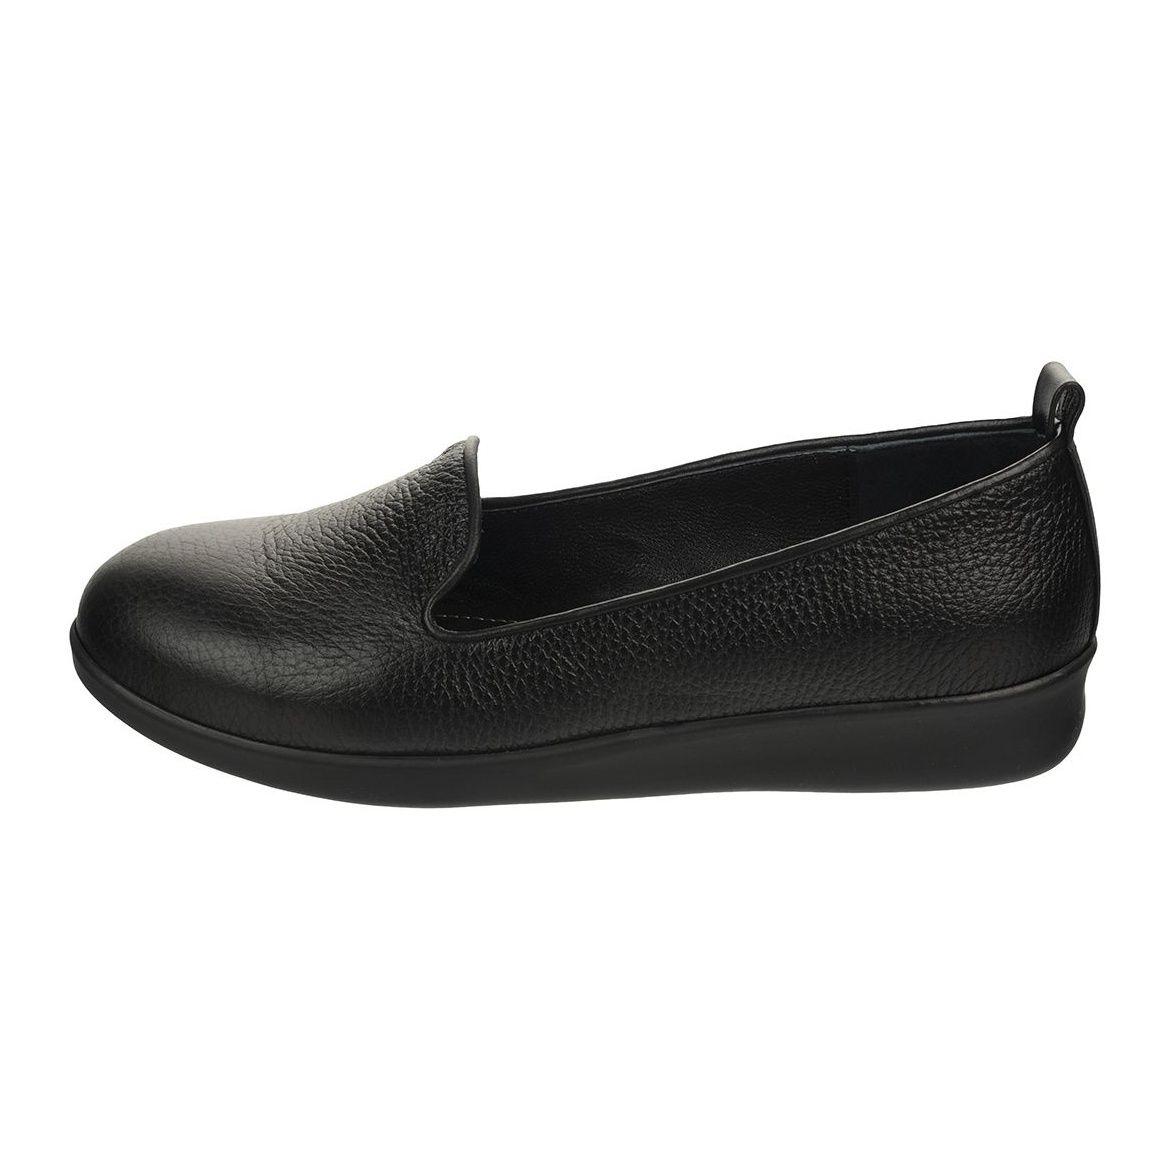 کفش زنانه چرم یاس مدل 153 main 1 5